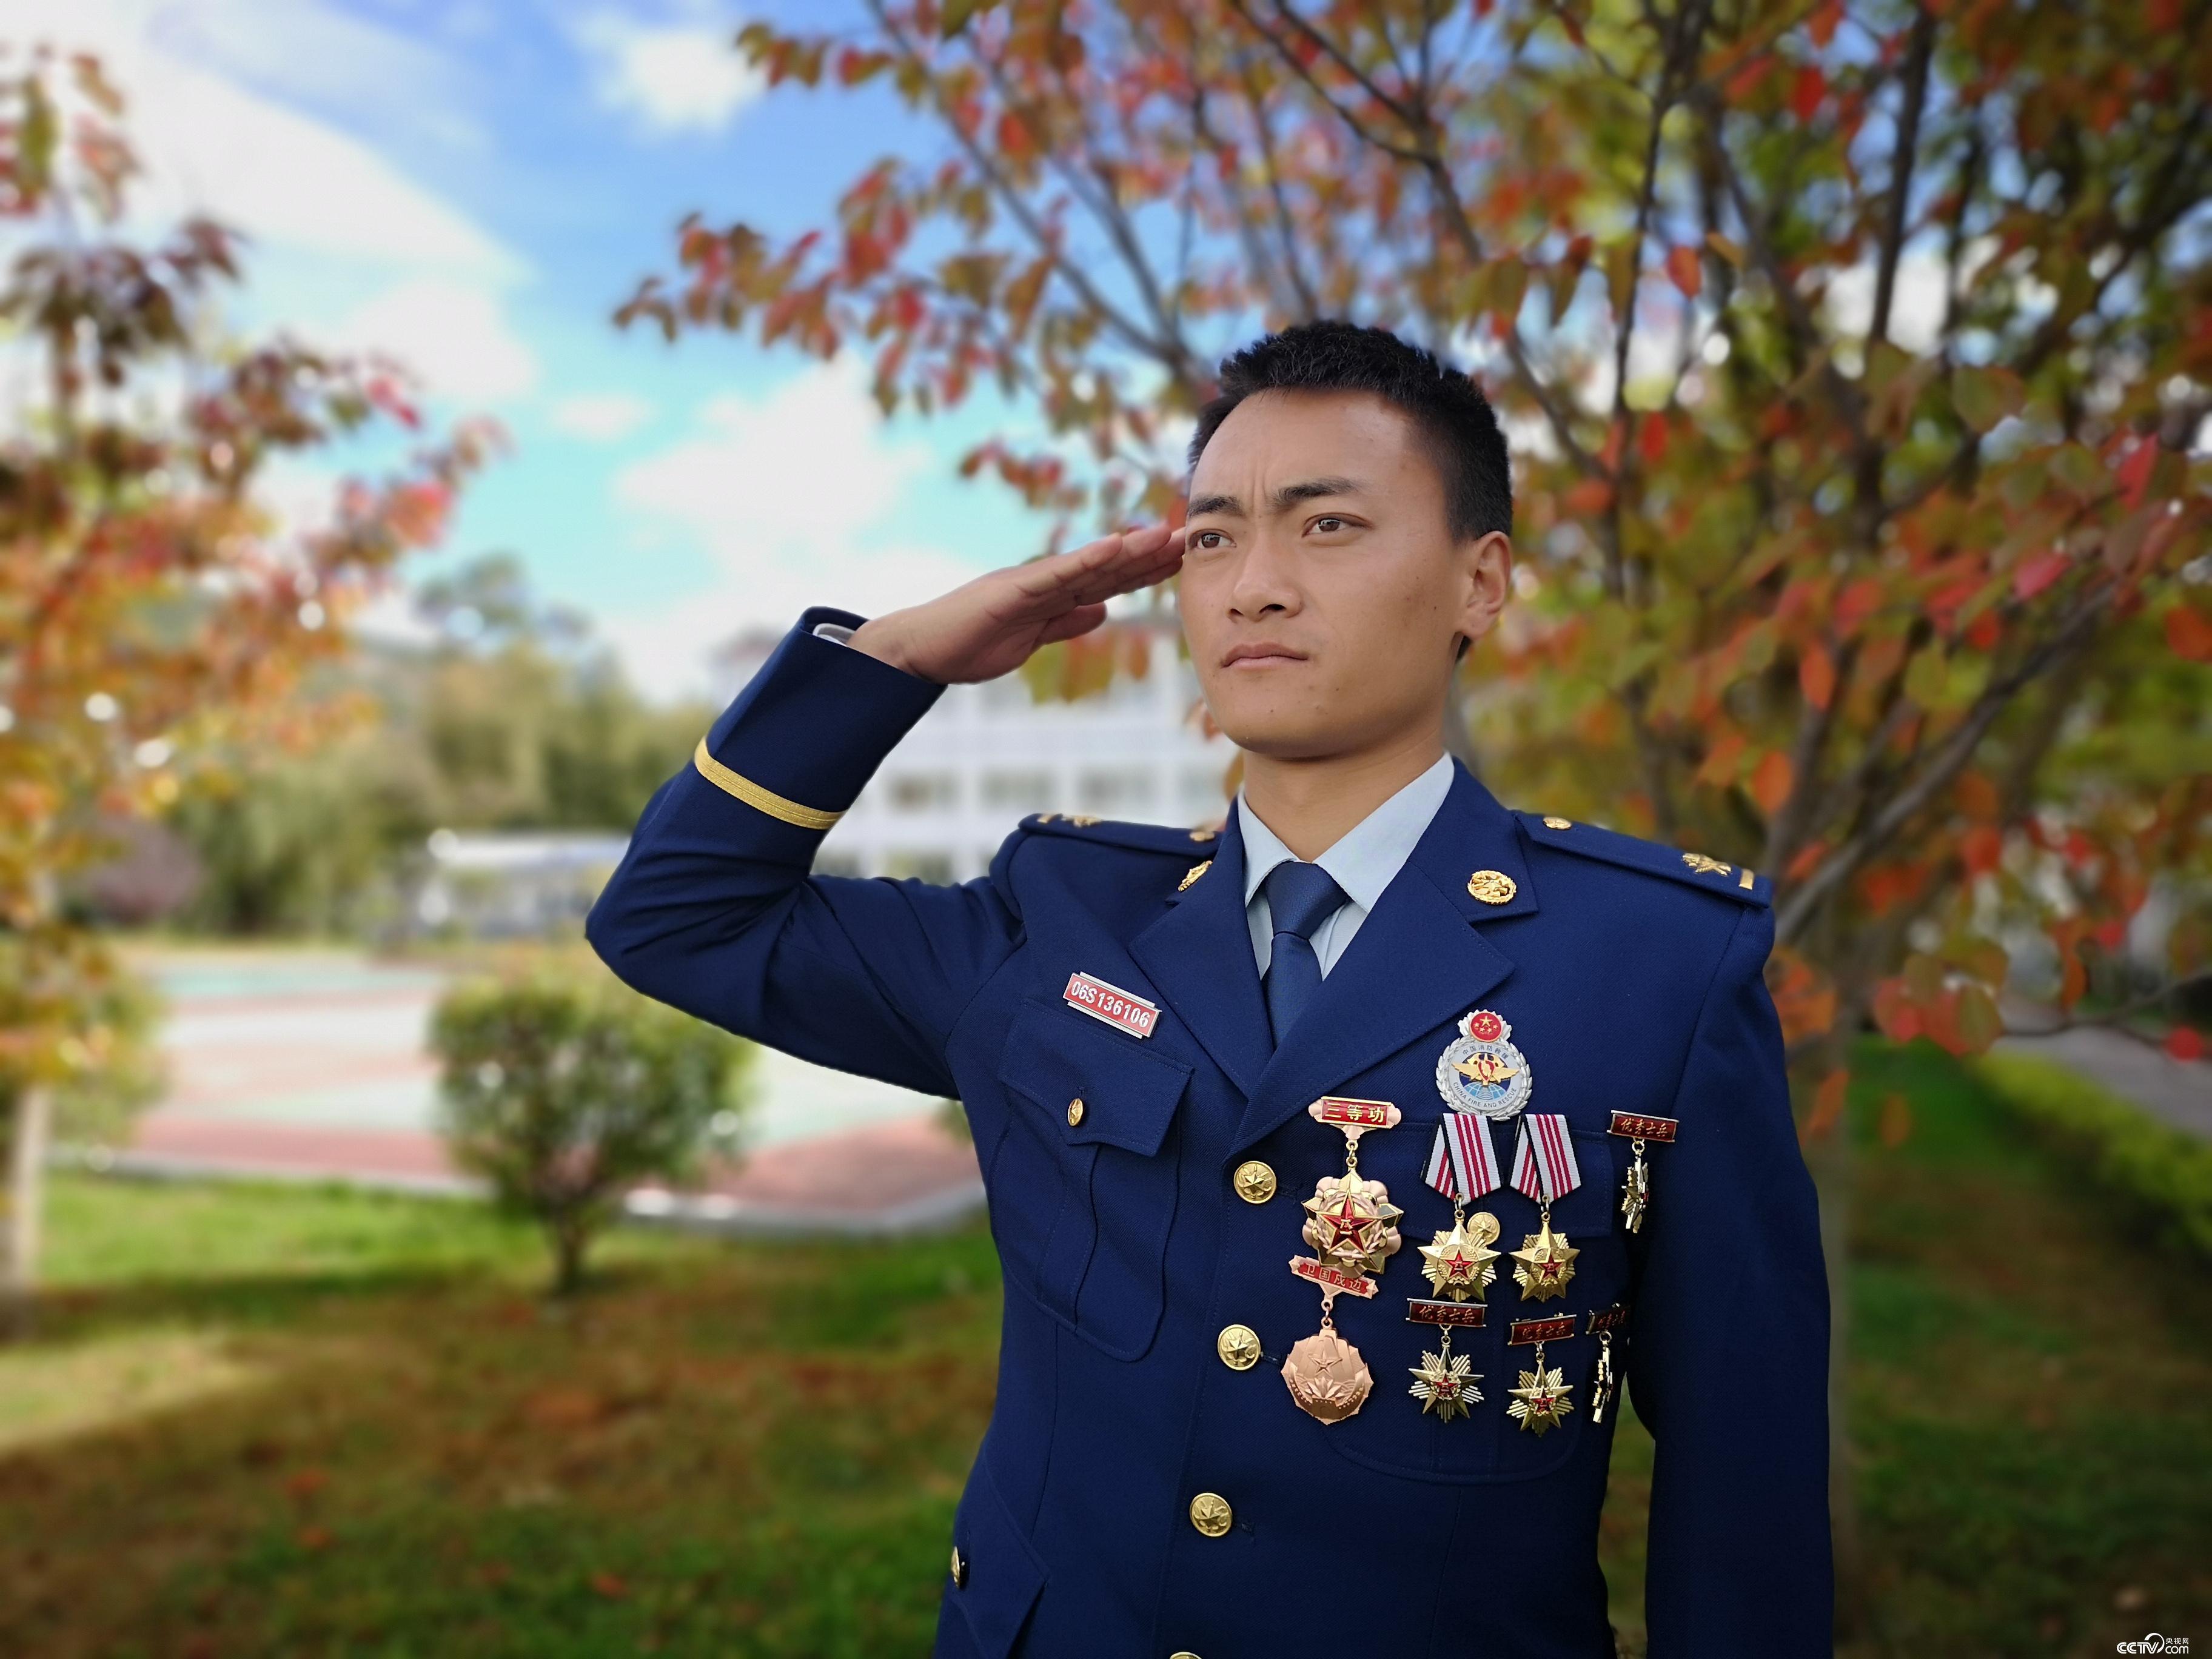 云南省森林消防总队丽江支队古城中队一班班长杨兵。(何川 摄)